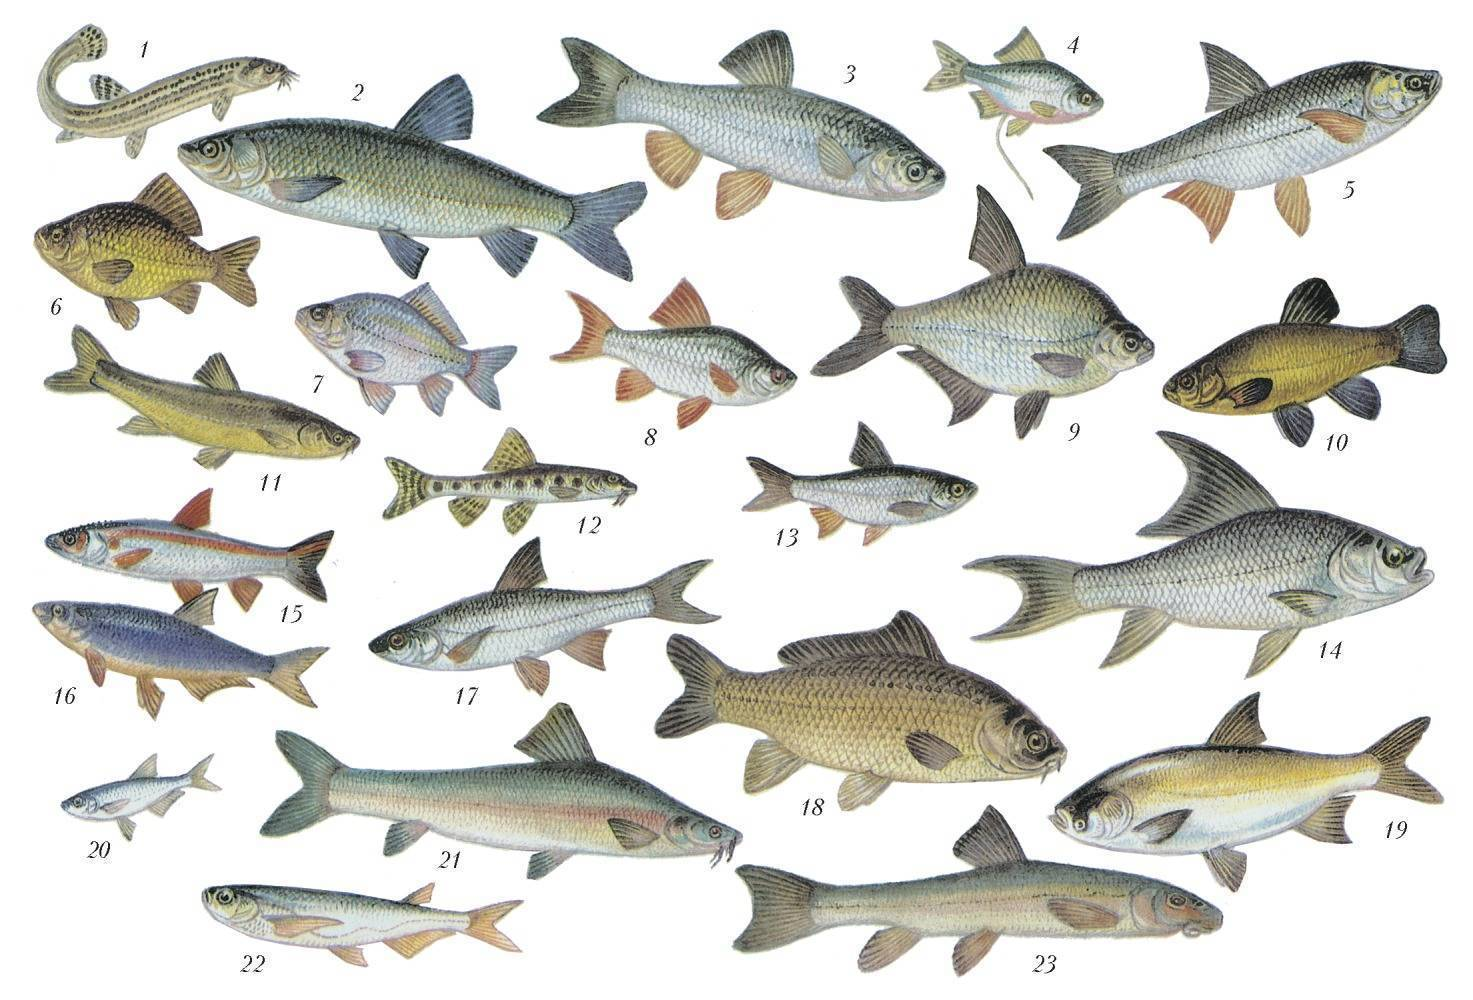 Речная рыба - список речных рыб, представители, особенности поведения, места обитания, рыбалка